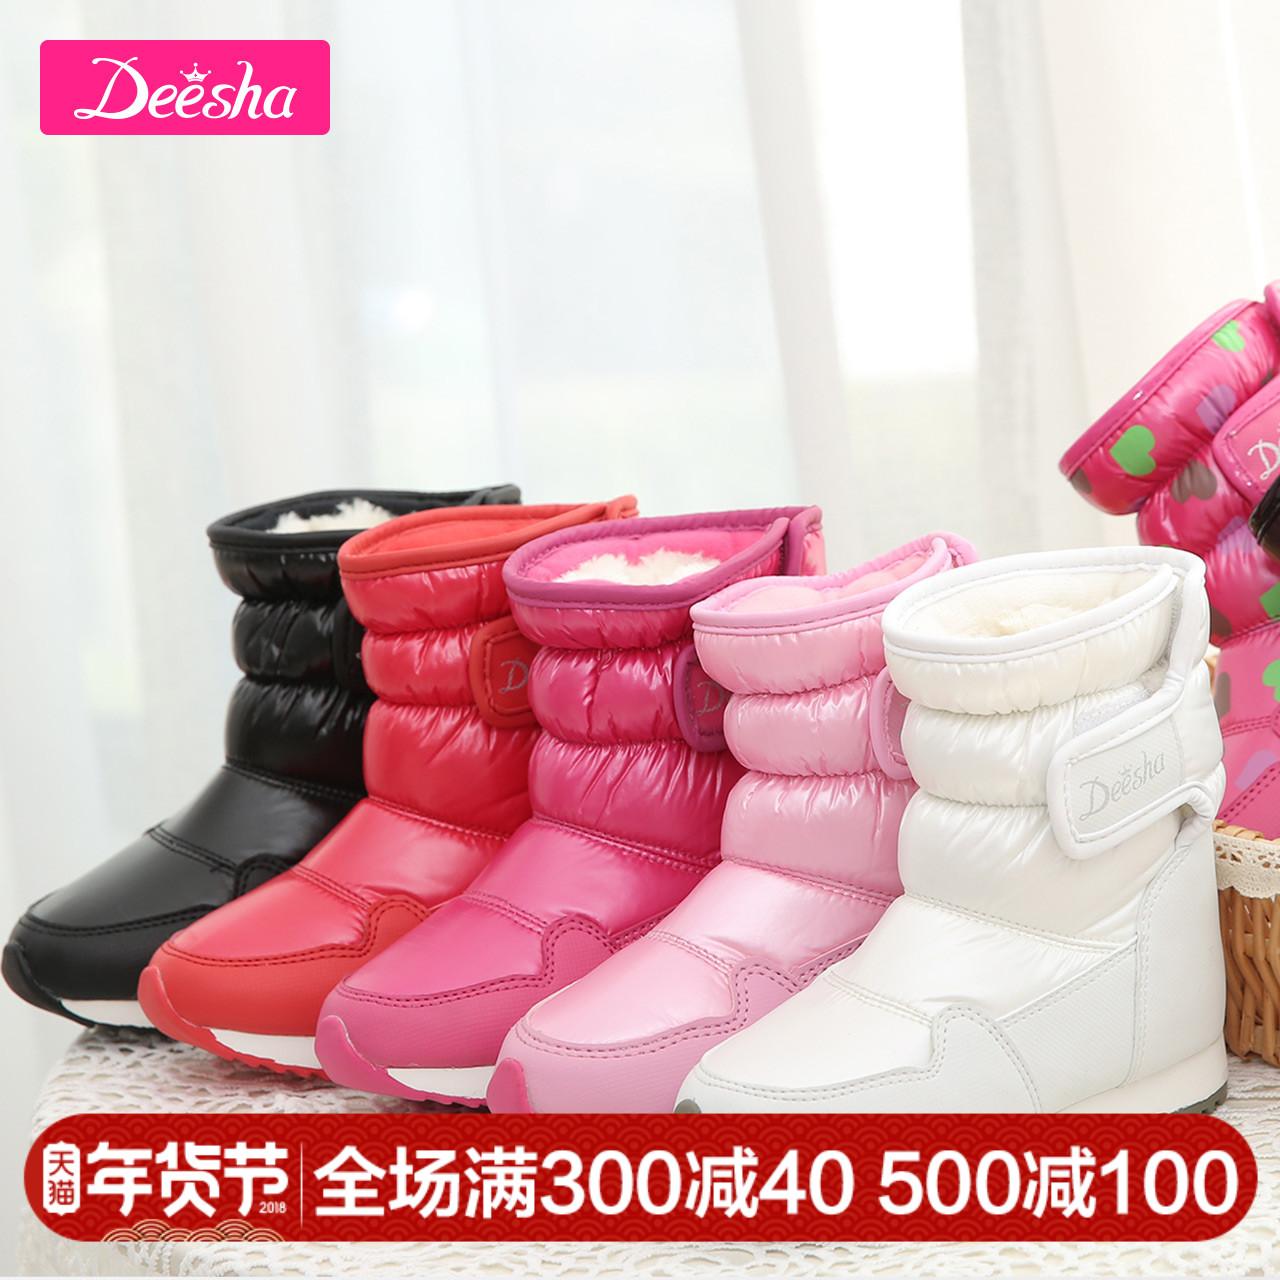 笛莎女童靴子2017冬季新款保暖防滑短靴防水棉鞋儿童加绒雪地童鞋